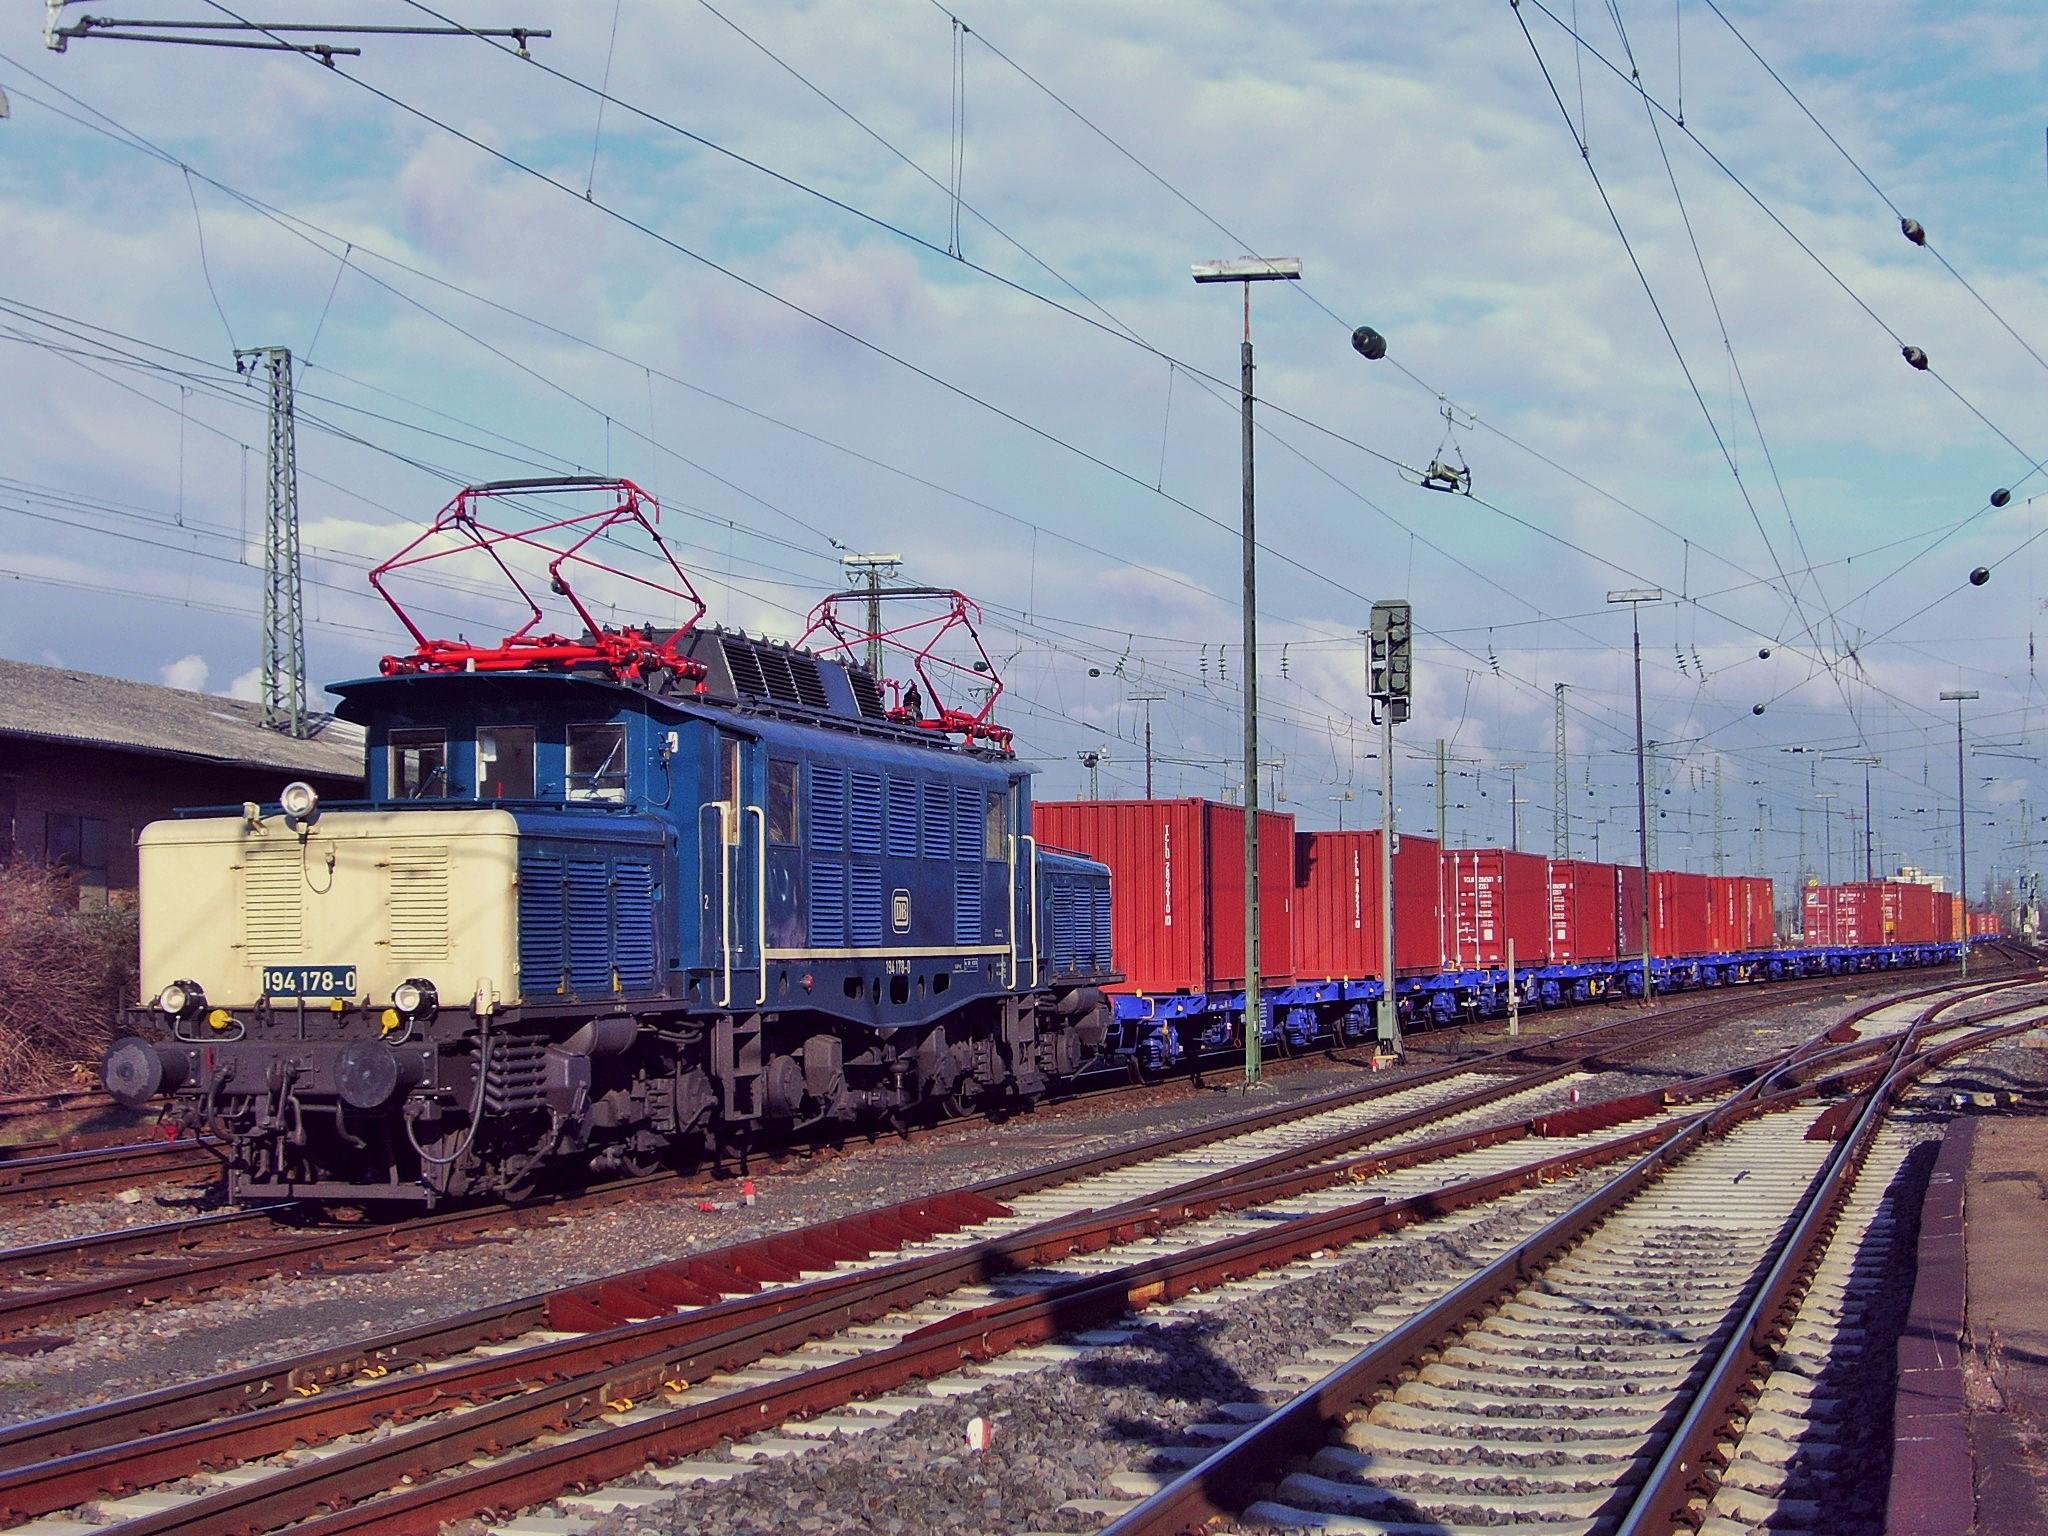 194 178-0 mit hochwertigem Containerzug durch Worms